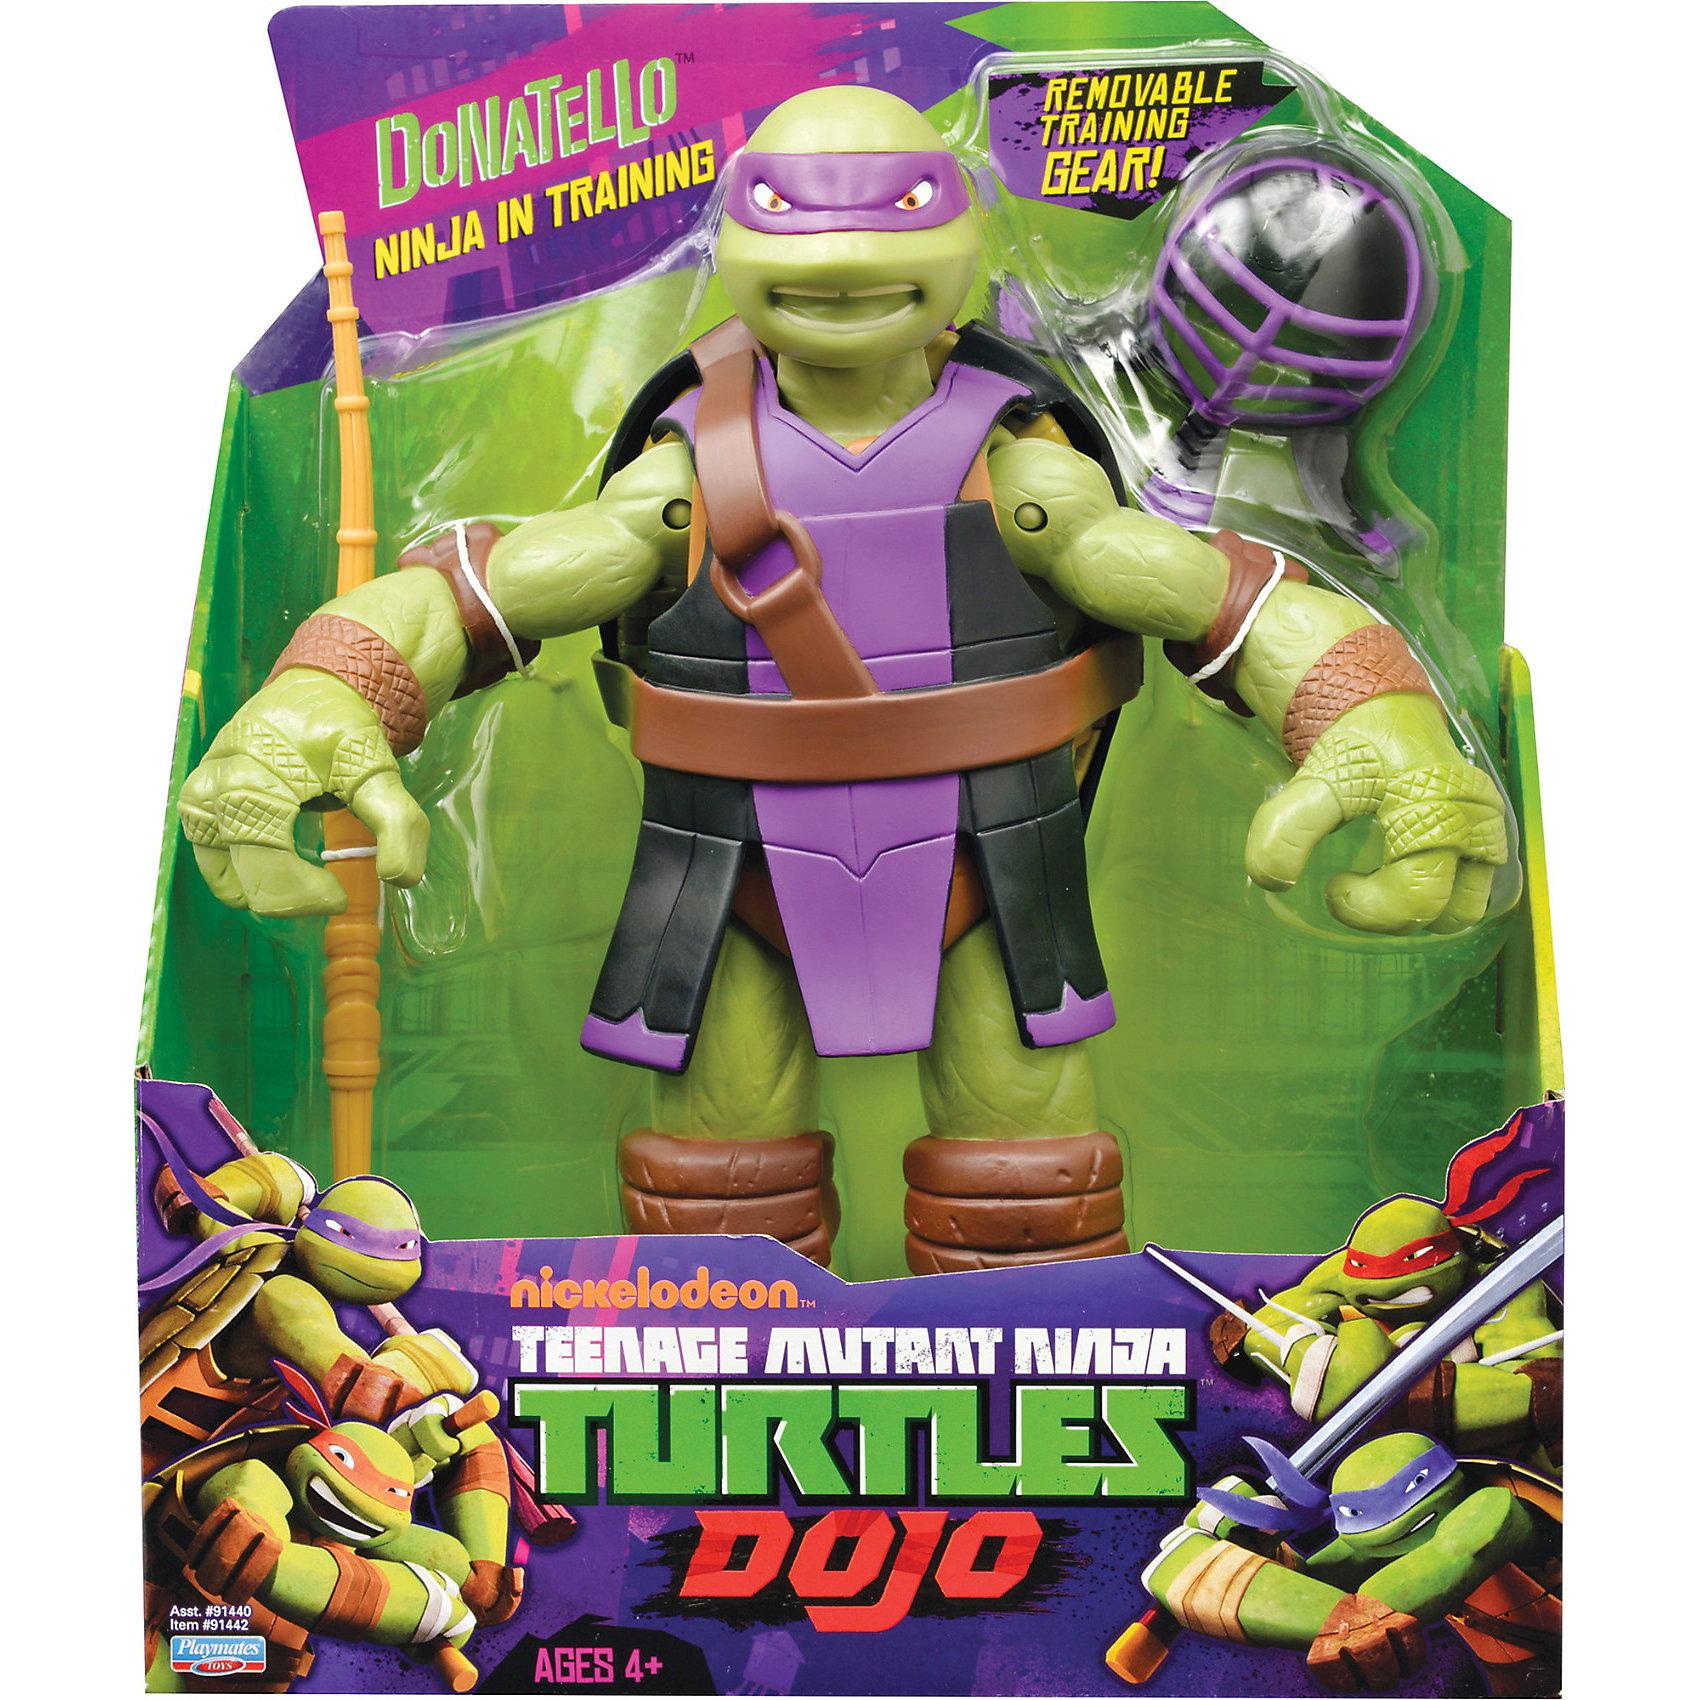 Фигурка Донателло, 28 см,  Черепашки НиндзяФигурка Донателло порадует всех любителей черепашек- ниндзя. Игрушка прекрасно детализирована, черепашка выглядит точь- в точь, как герой из любимого мультфильма. Смелый  Донателло,  вооруженный шестом Бо и быстрыми разящими сюрикэнами, готов бороться с силами зла. Его оружие легко помещается в открывающийся панцирь на спине. Игрушка развивает мелкую моторику и фантазию.  Собери всех черепашек - ниндзя - пусть друзья побеждают врагов вместе. <br><br><br>Дополнительная информация:<br><br>- Материал: пластик.<br>- Размер: 28 см<br>- Руки, ноги, голова  - подвижные.<br>- Комплектация: фигурка черепашки- ниндзя, шест Бо, сюрикэны.<br><br>Фигурку Донателло, 28 см,  Черепашки Ниндзя  можно купить в нашем магазине.<br><br>Ширина мм: 250<br>Глубина мм: 130<br>Высота мм: 310<br>Вес г: 800<br>Возраст от месяцев: 36<br>Возраст до месяцев: 84<br>Пол: Мужской<br>Возраст: Детский<br>SKU: 3861425